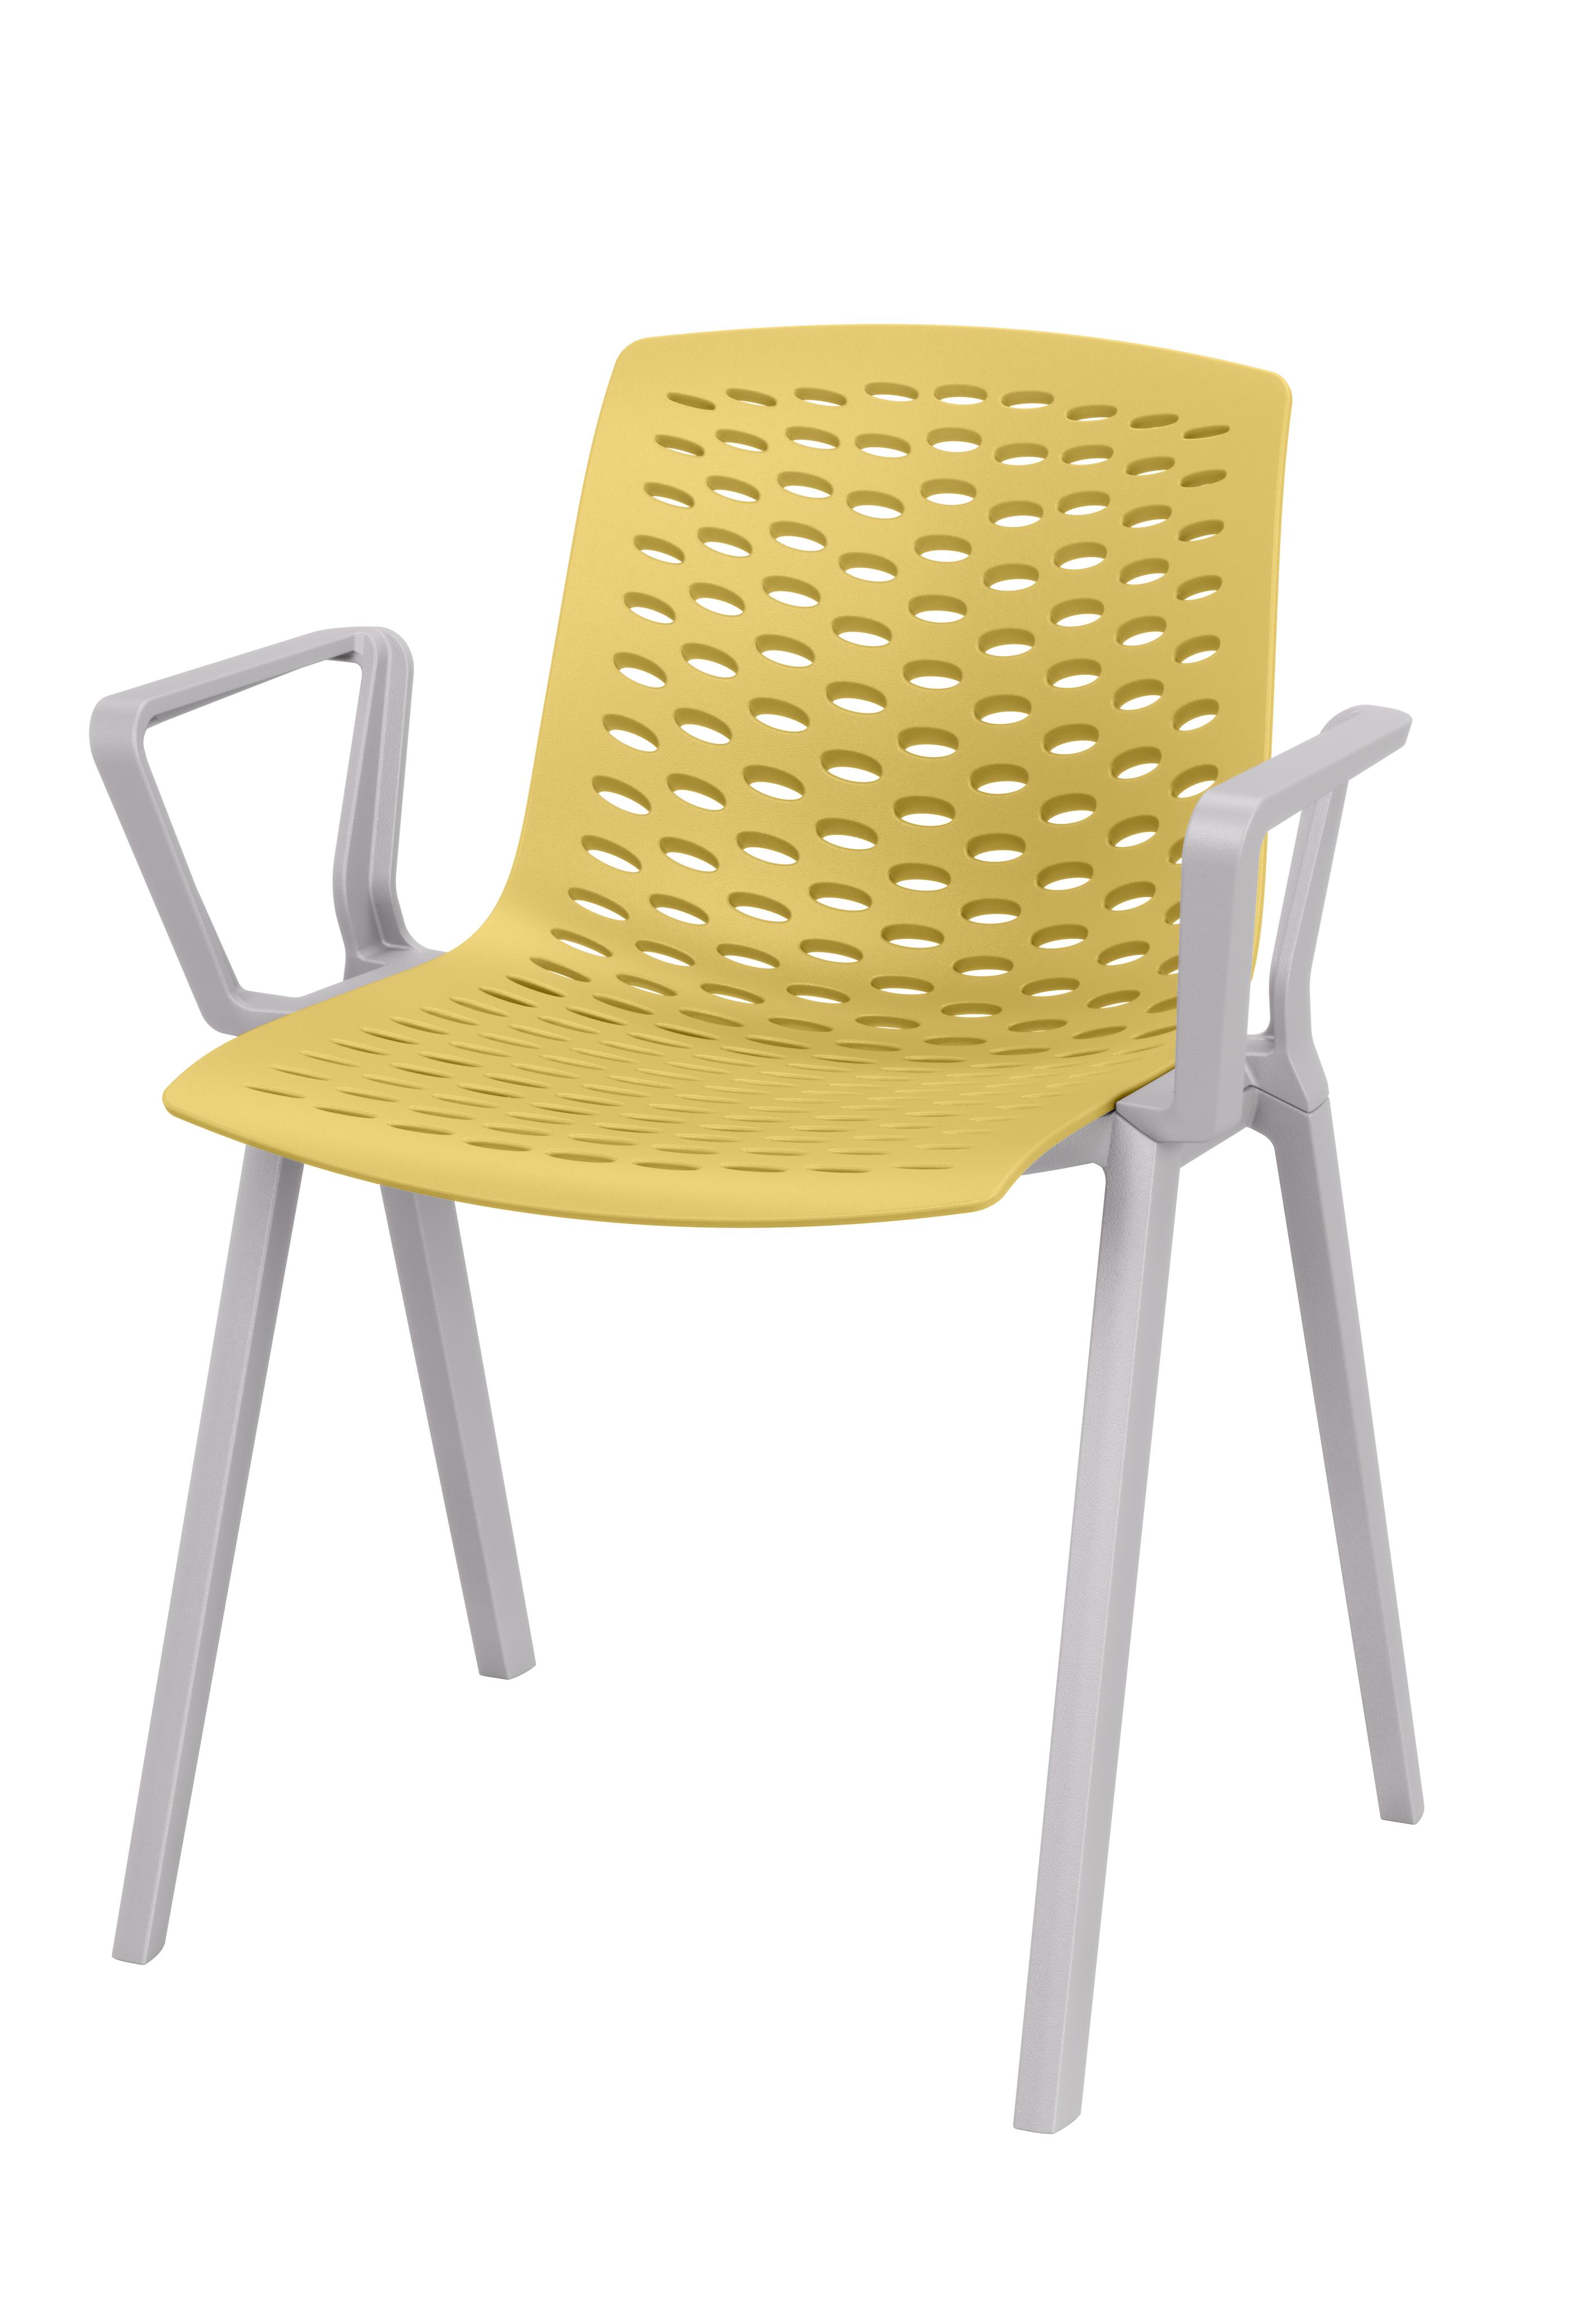 Kunststoffschalenstuhl lux outdoor geeignet in for Schalenstuhl outdoor